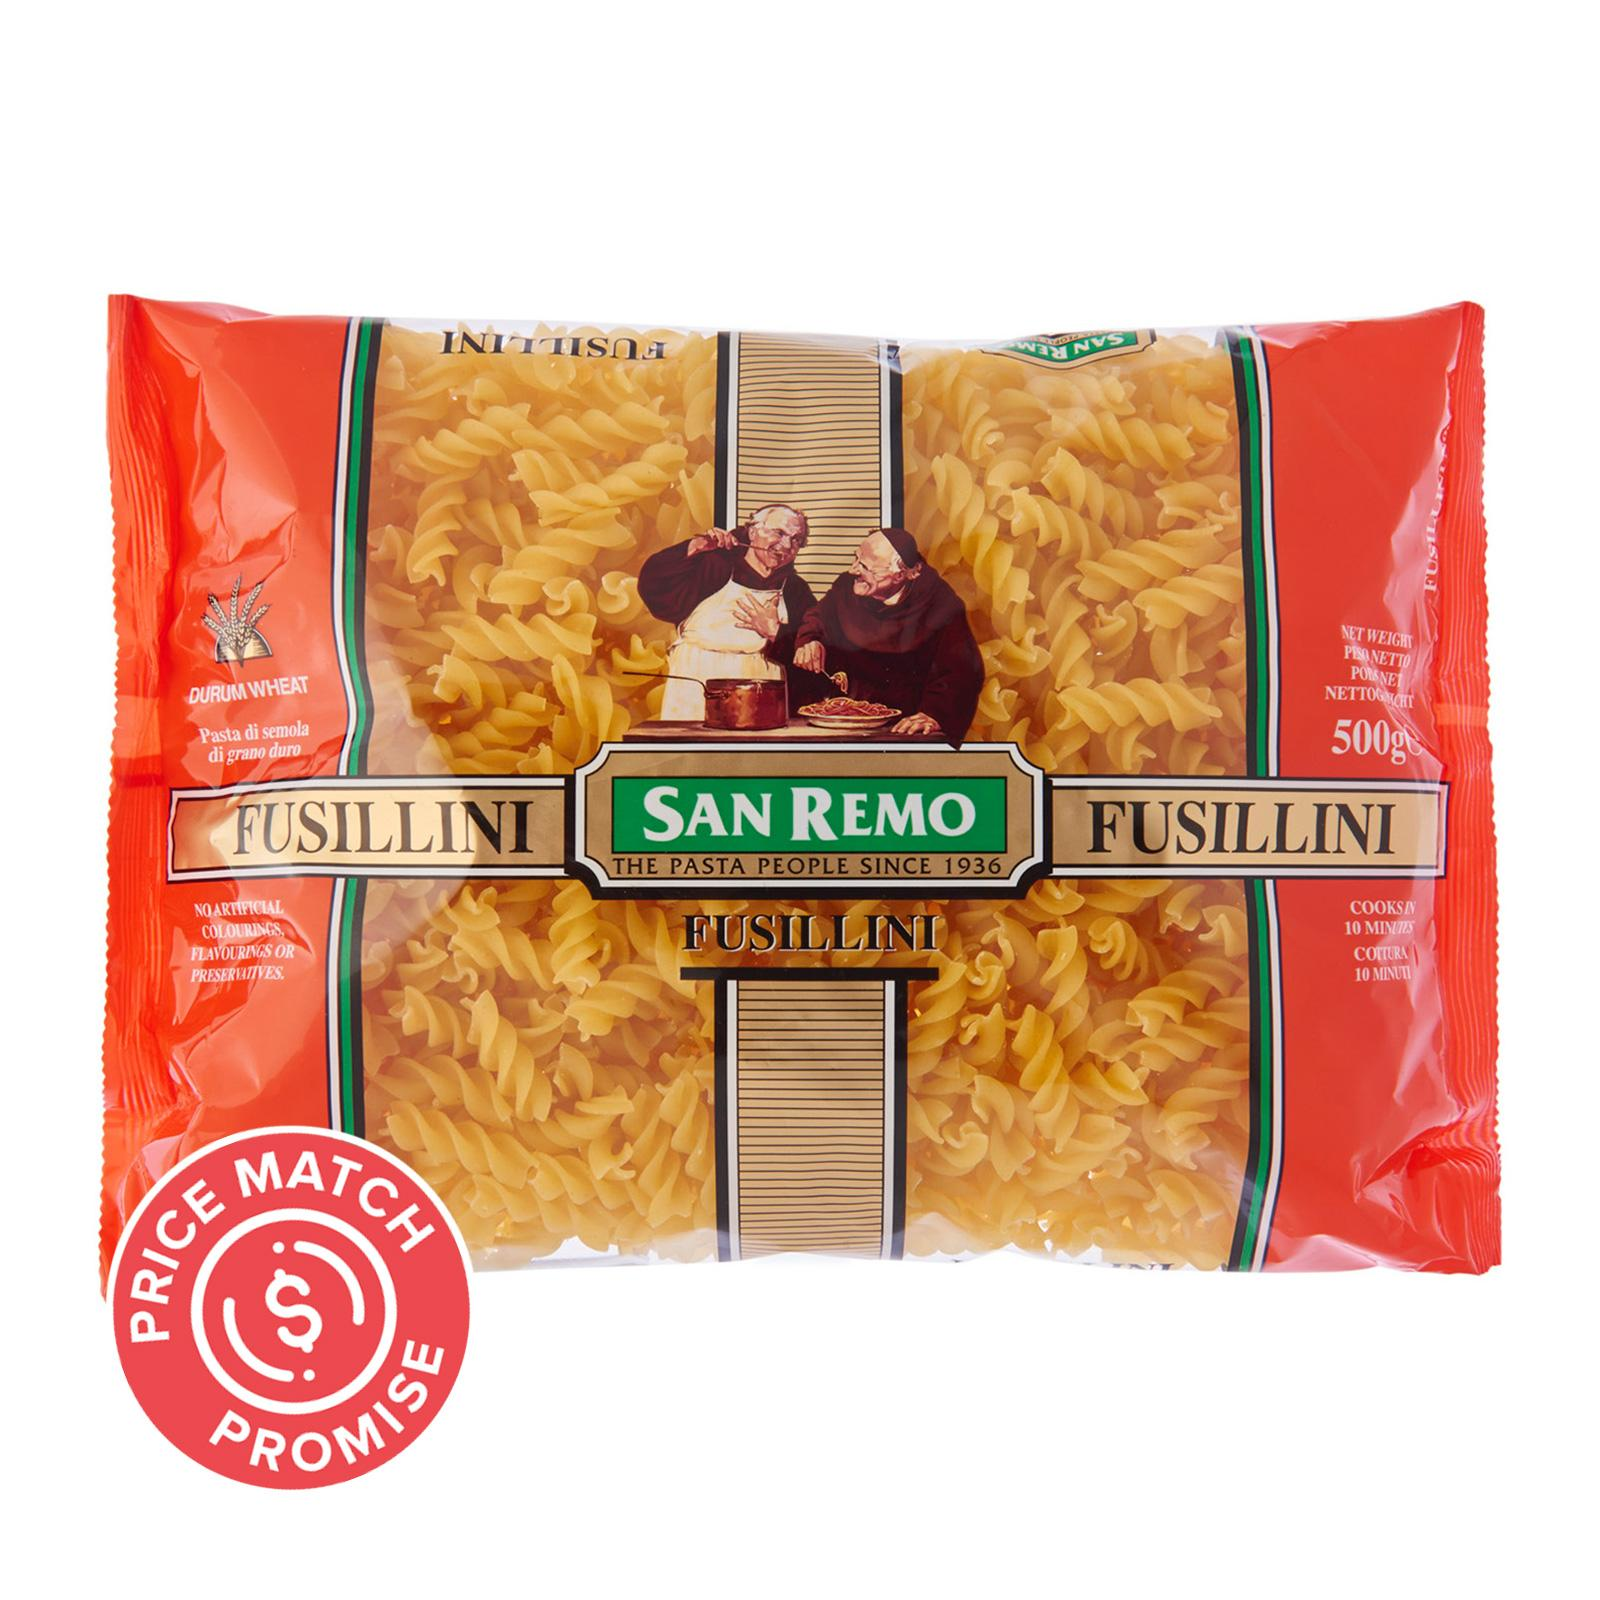 San Remo Pasta Fusillini No. 55